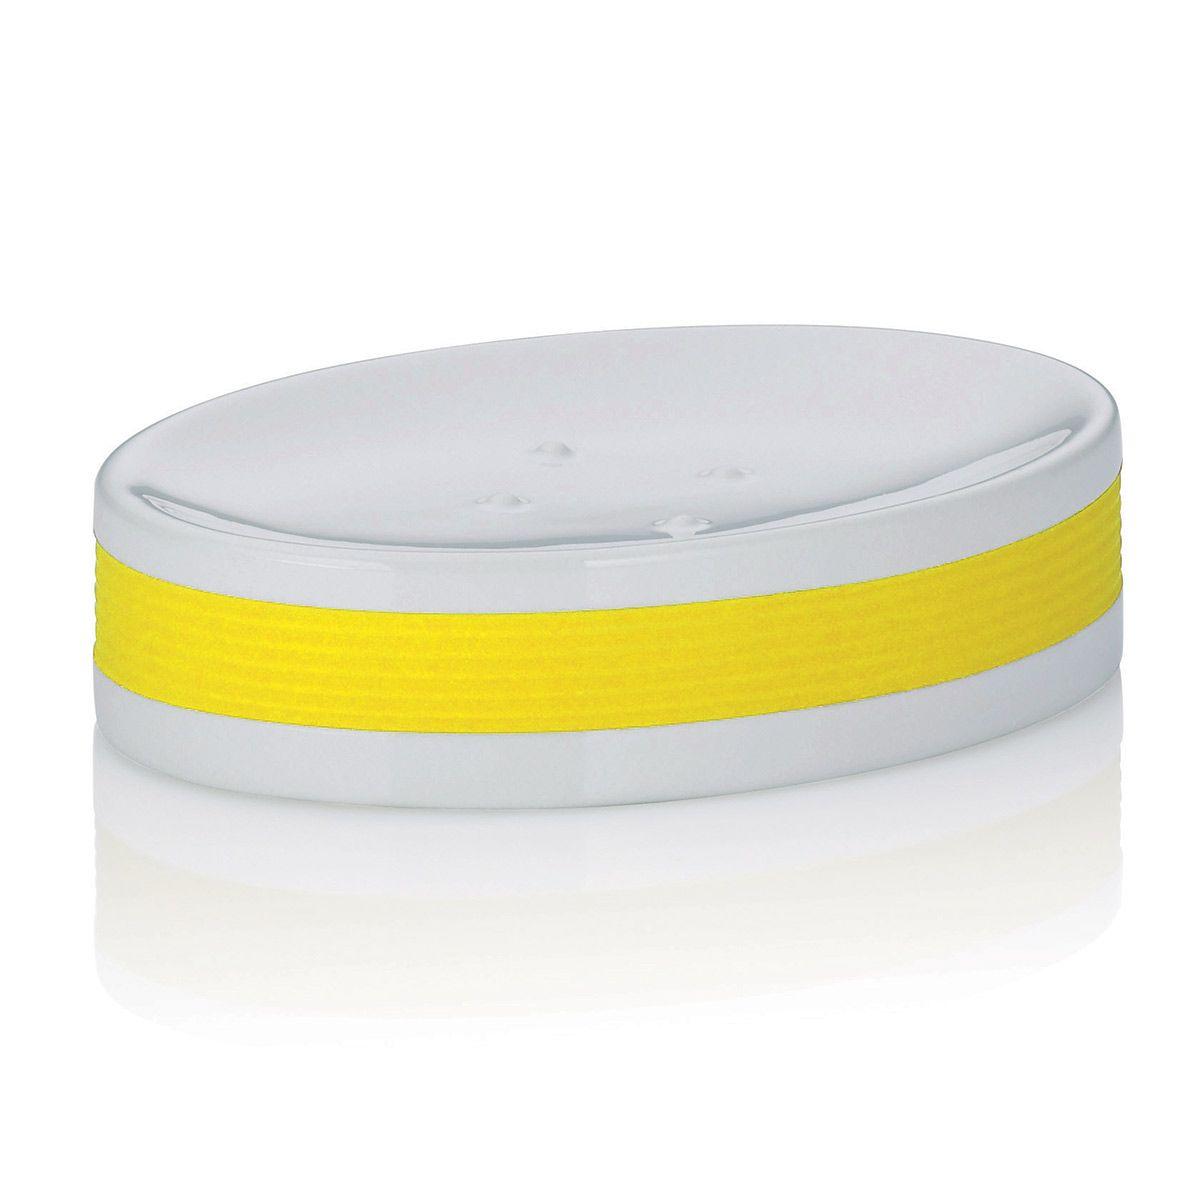 Catgorie porte savon page 2 du guide et comparateur d 39 achat for Porte savon alinea